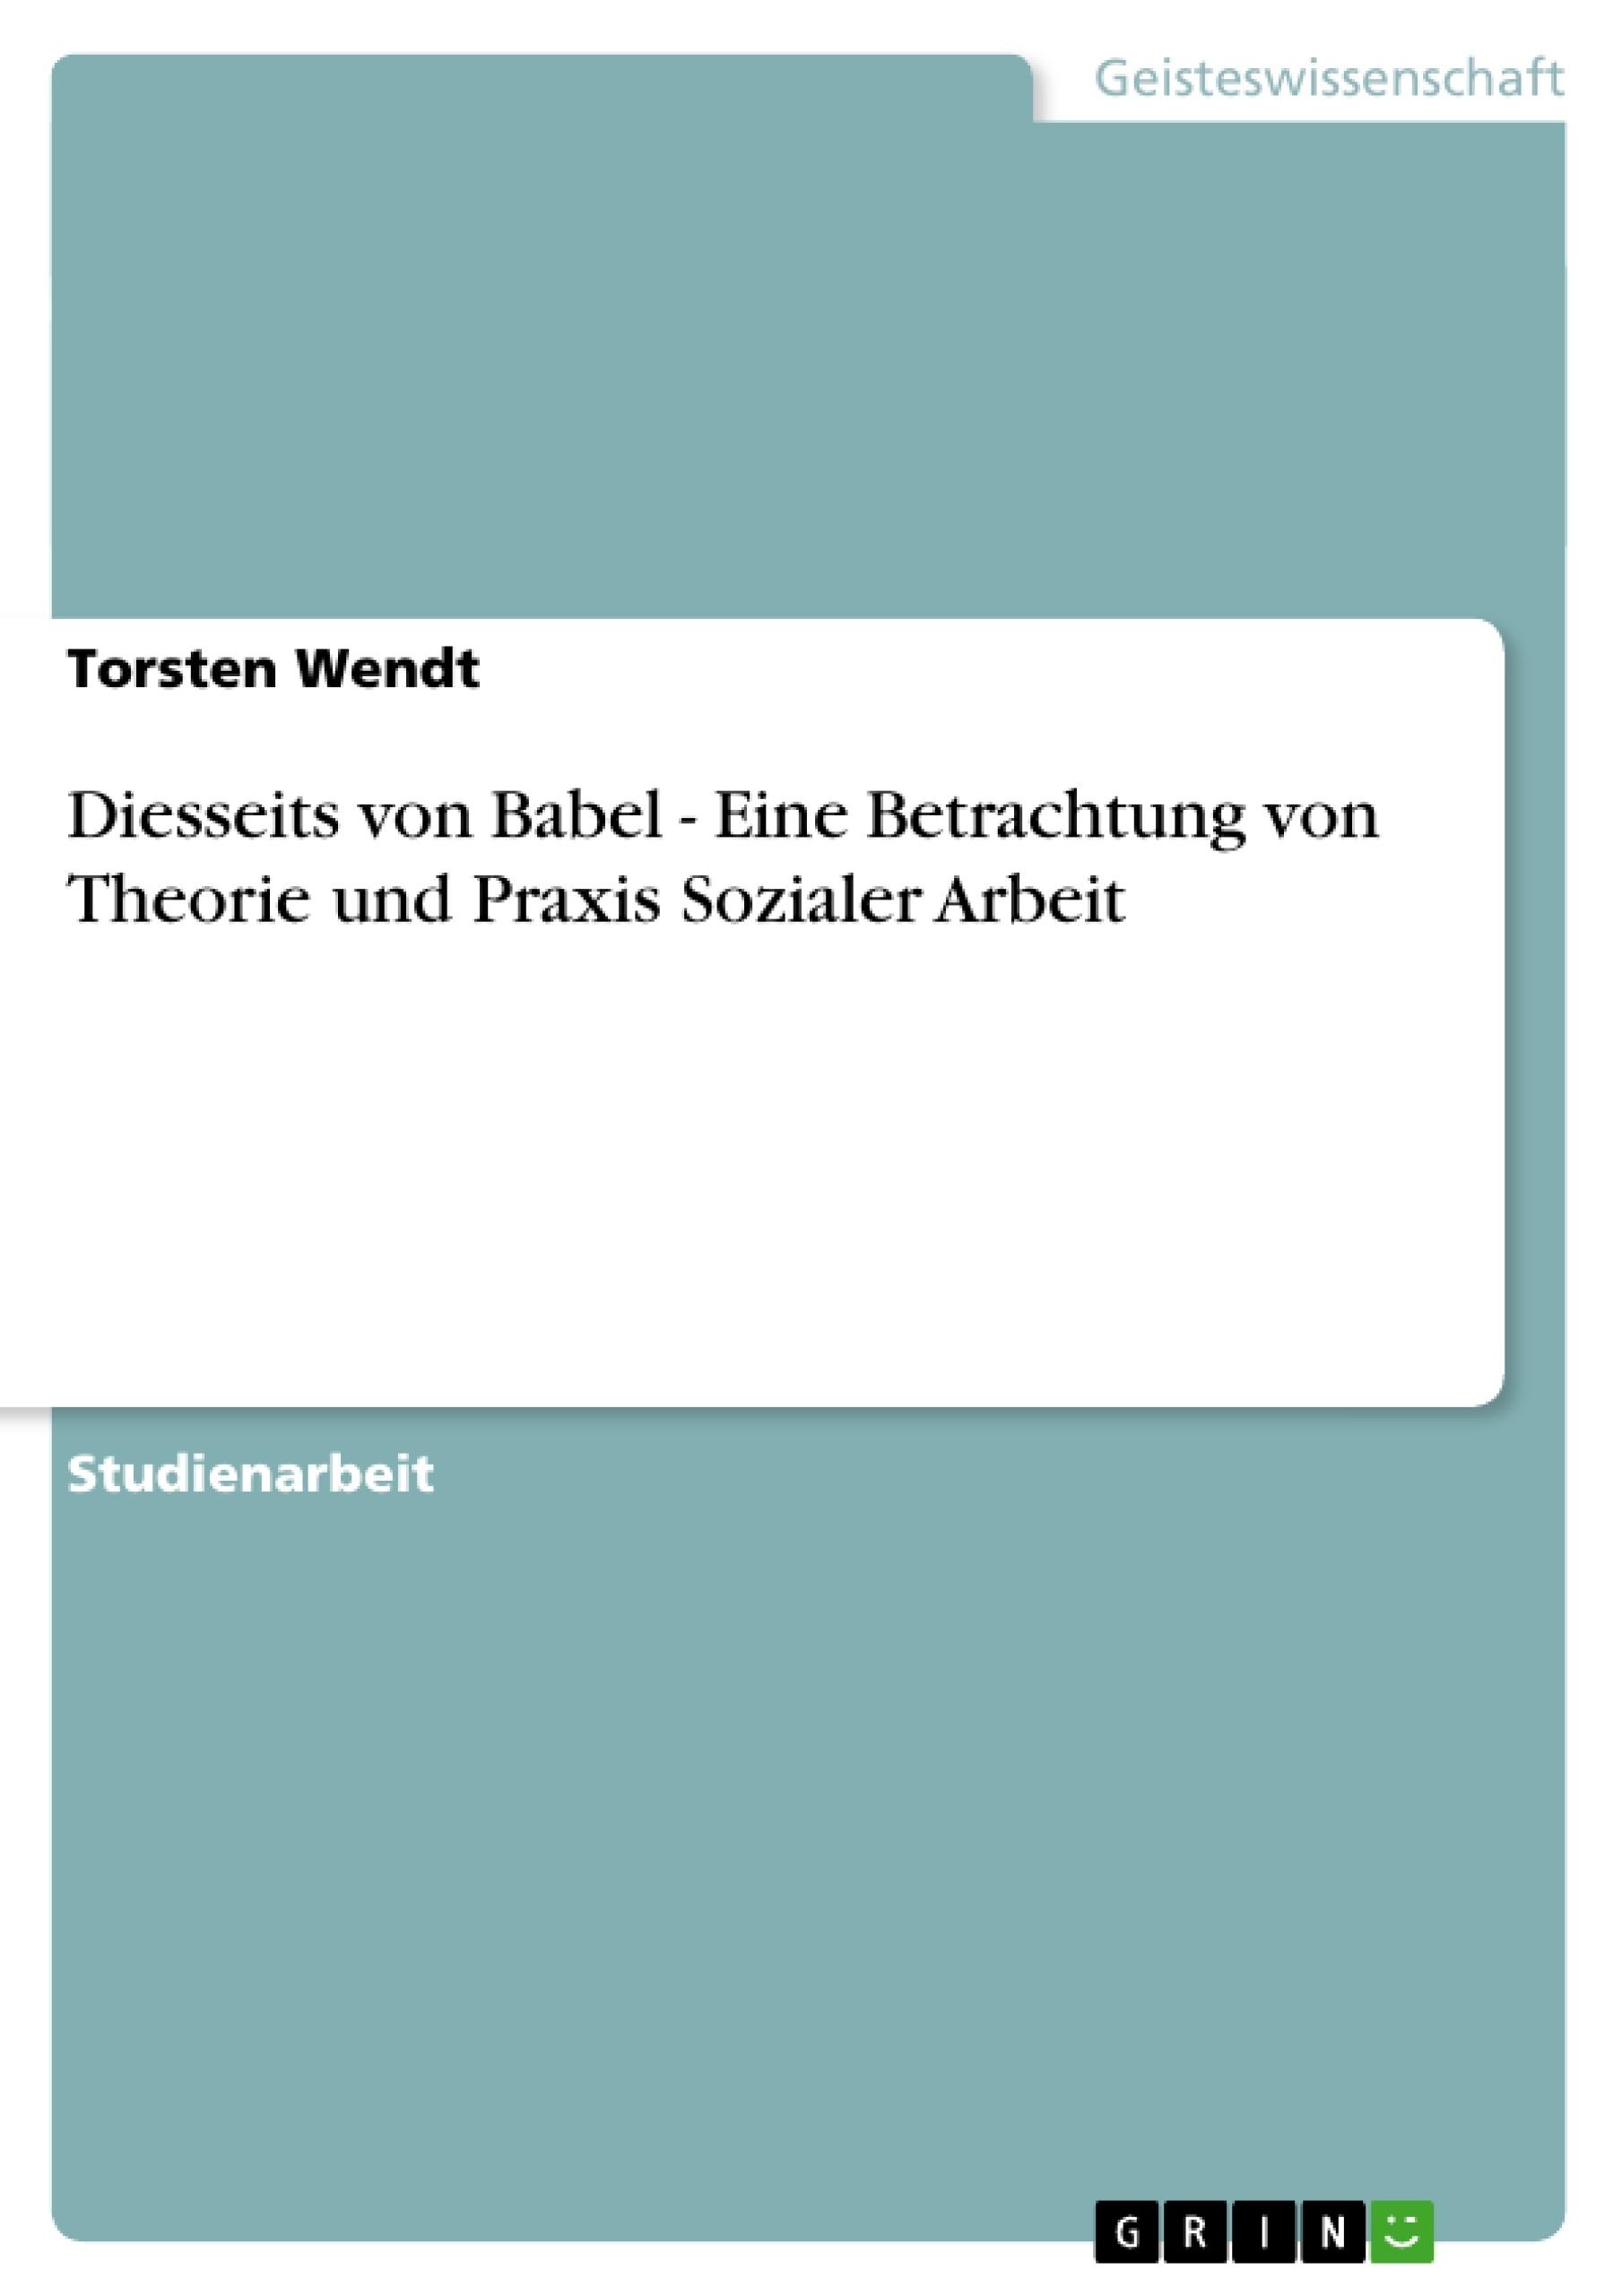 Titel: Diesseits von Babel - Eine Betrachtung von Theorie und Praxis Sozialer Arbeit